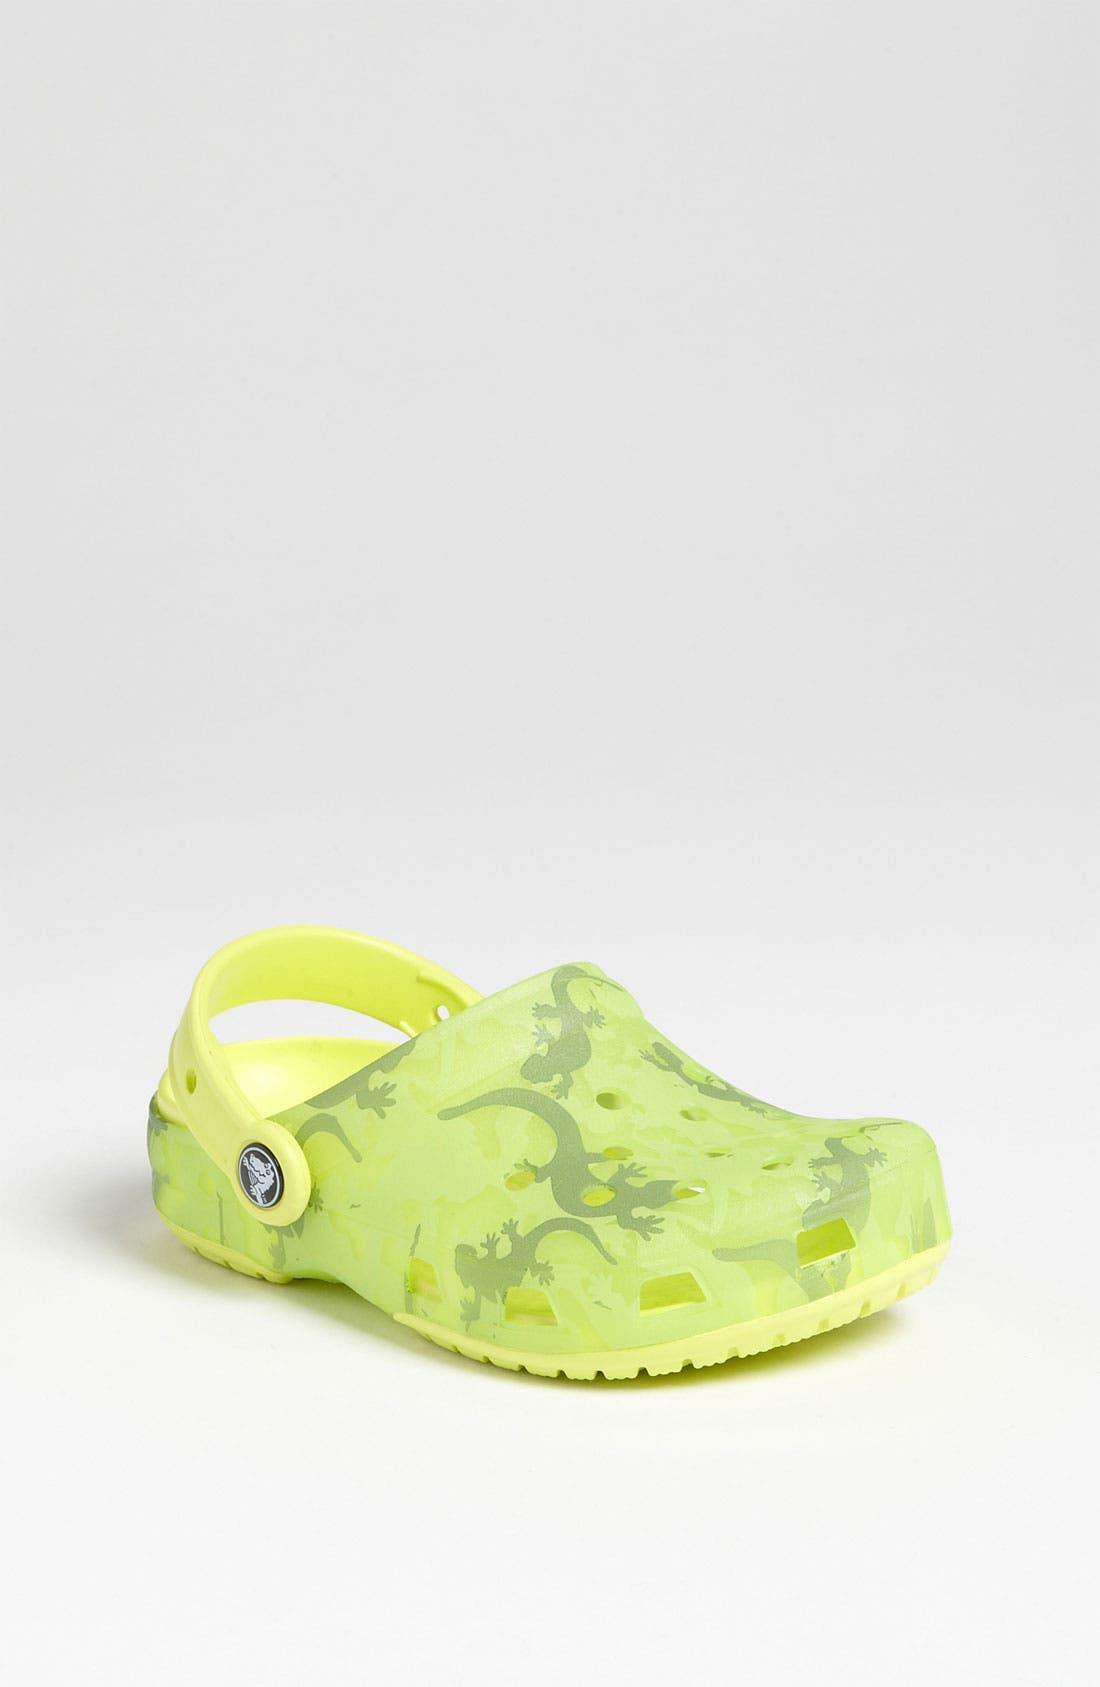 Alternate Image 1 Selected - CROCS™ 'Chameleon Lizard' Slip-On (Walker, Toddler & Little Kid)